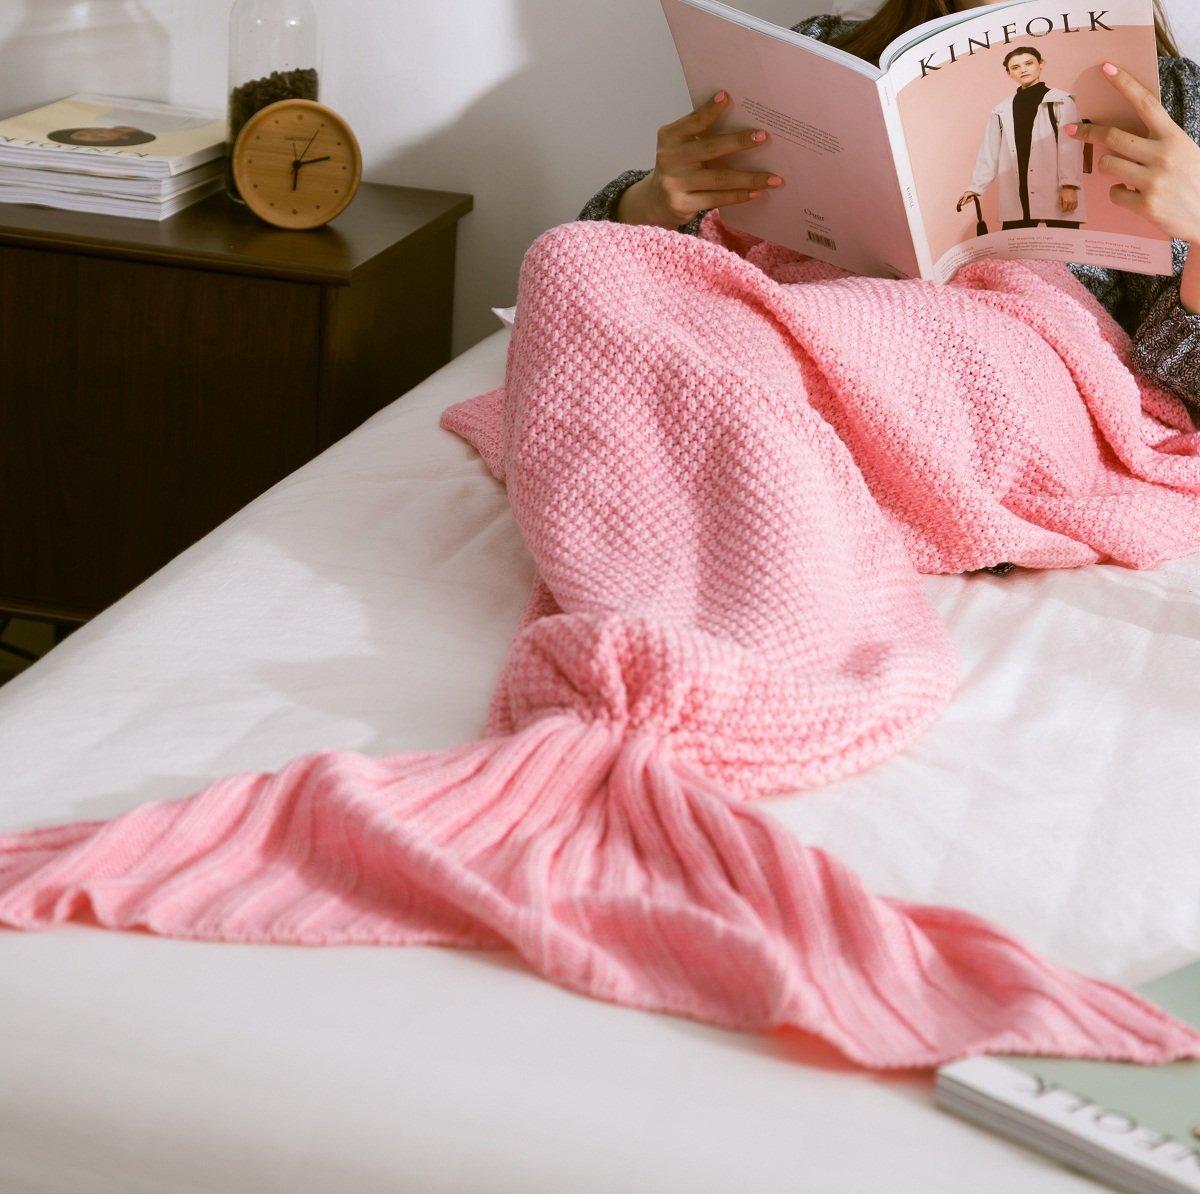 Mermaid Blanket Pattern Crochet Mermaid Tail Knitted Mermaid Tail Blanket Adult Child 31 71